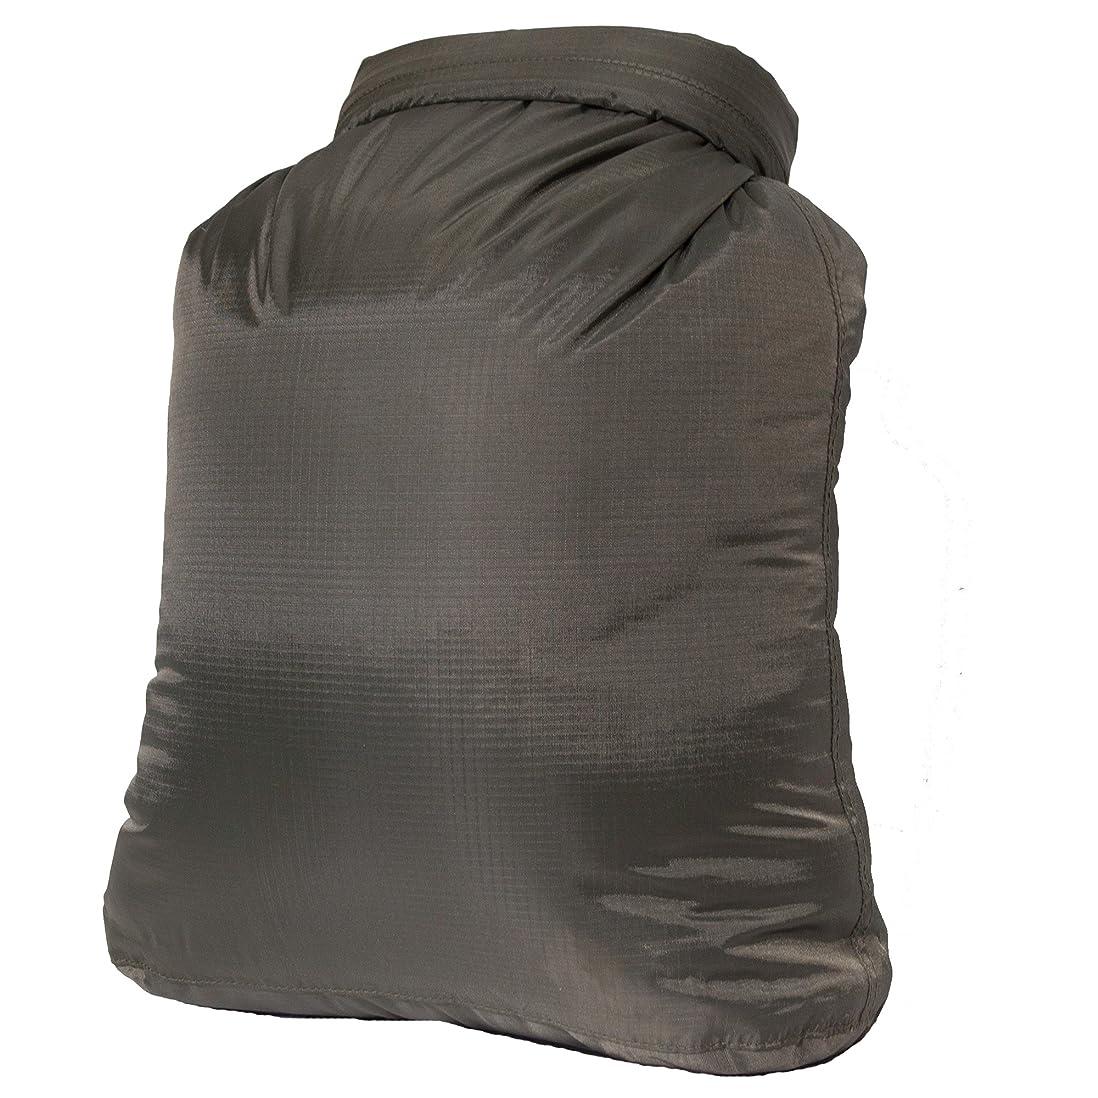 アブストラクト物質反対に20L防水バッグ ドライバッグ 防水袋 waterproof bag ウェストポーチ スマホ用防水ケース 3セット 肩掛け/手提げ2way IPX8防水 大容量 アウトドア ビーチ 温泉